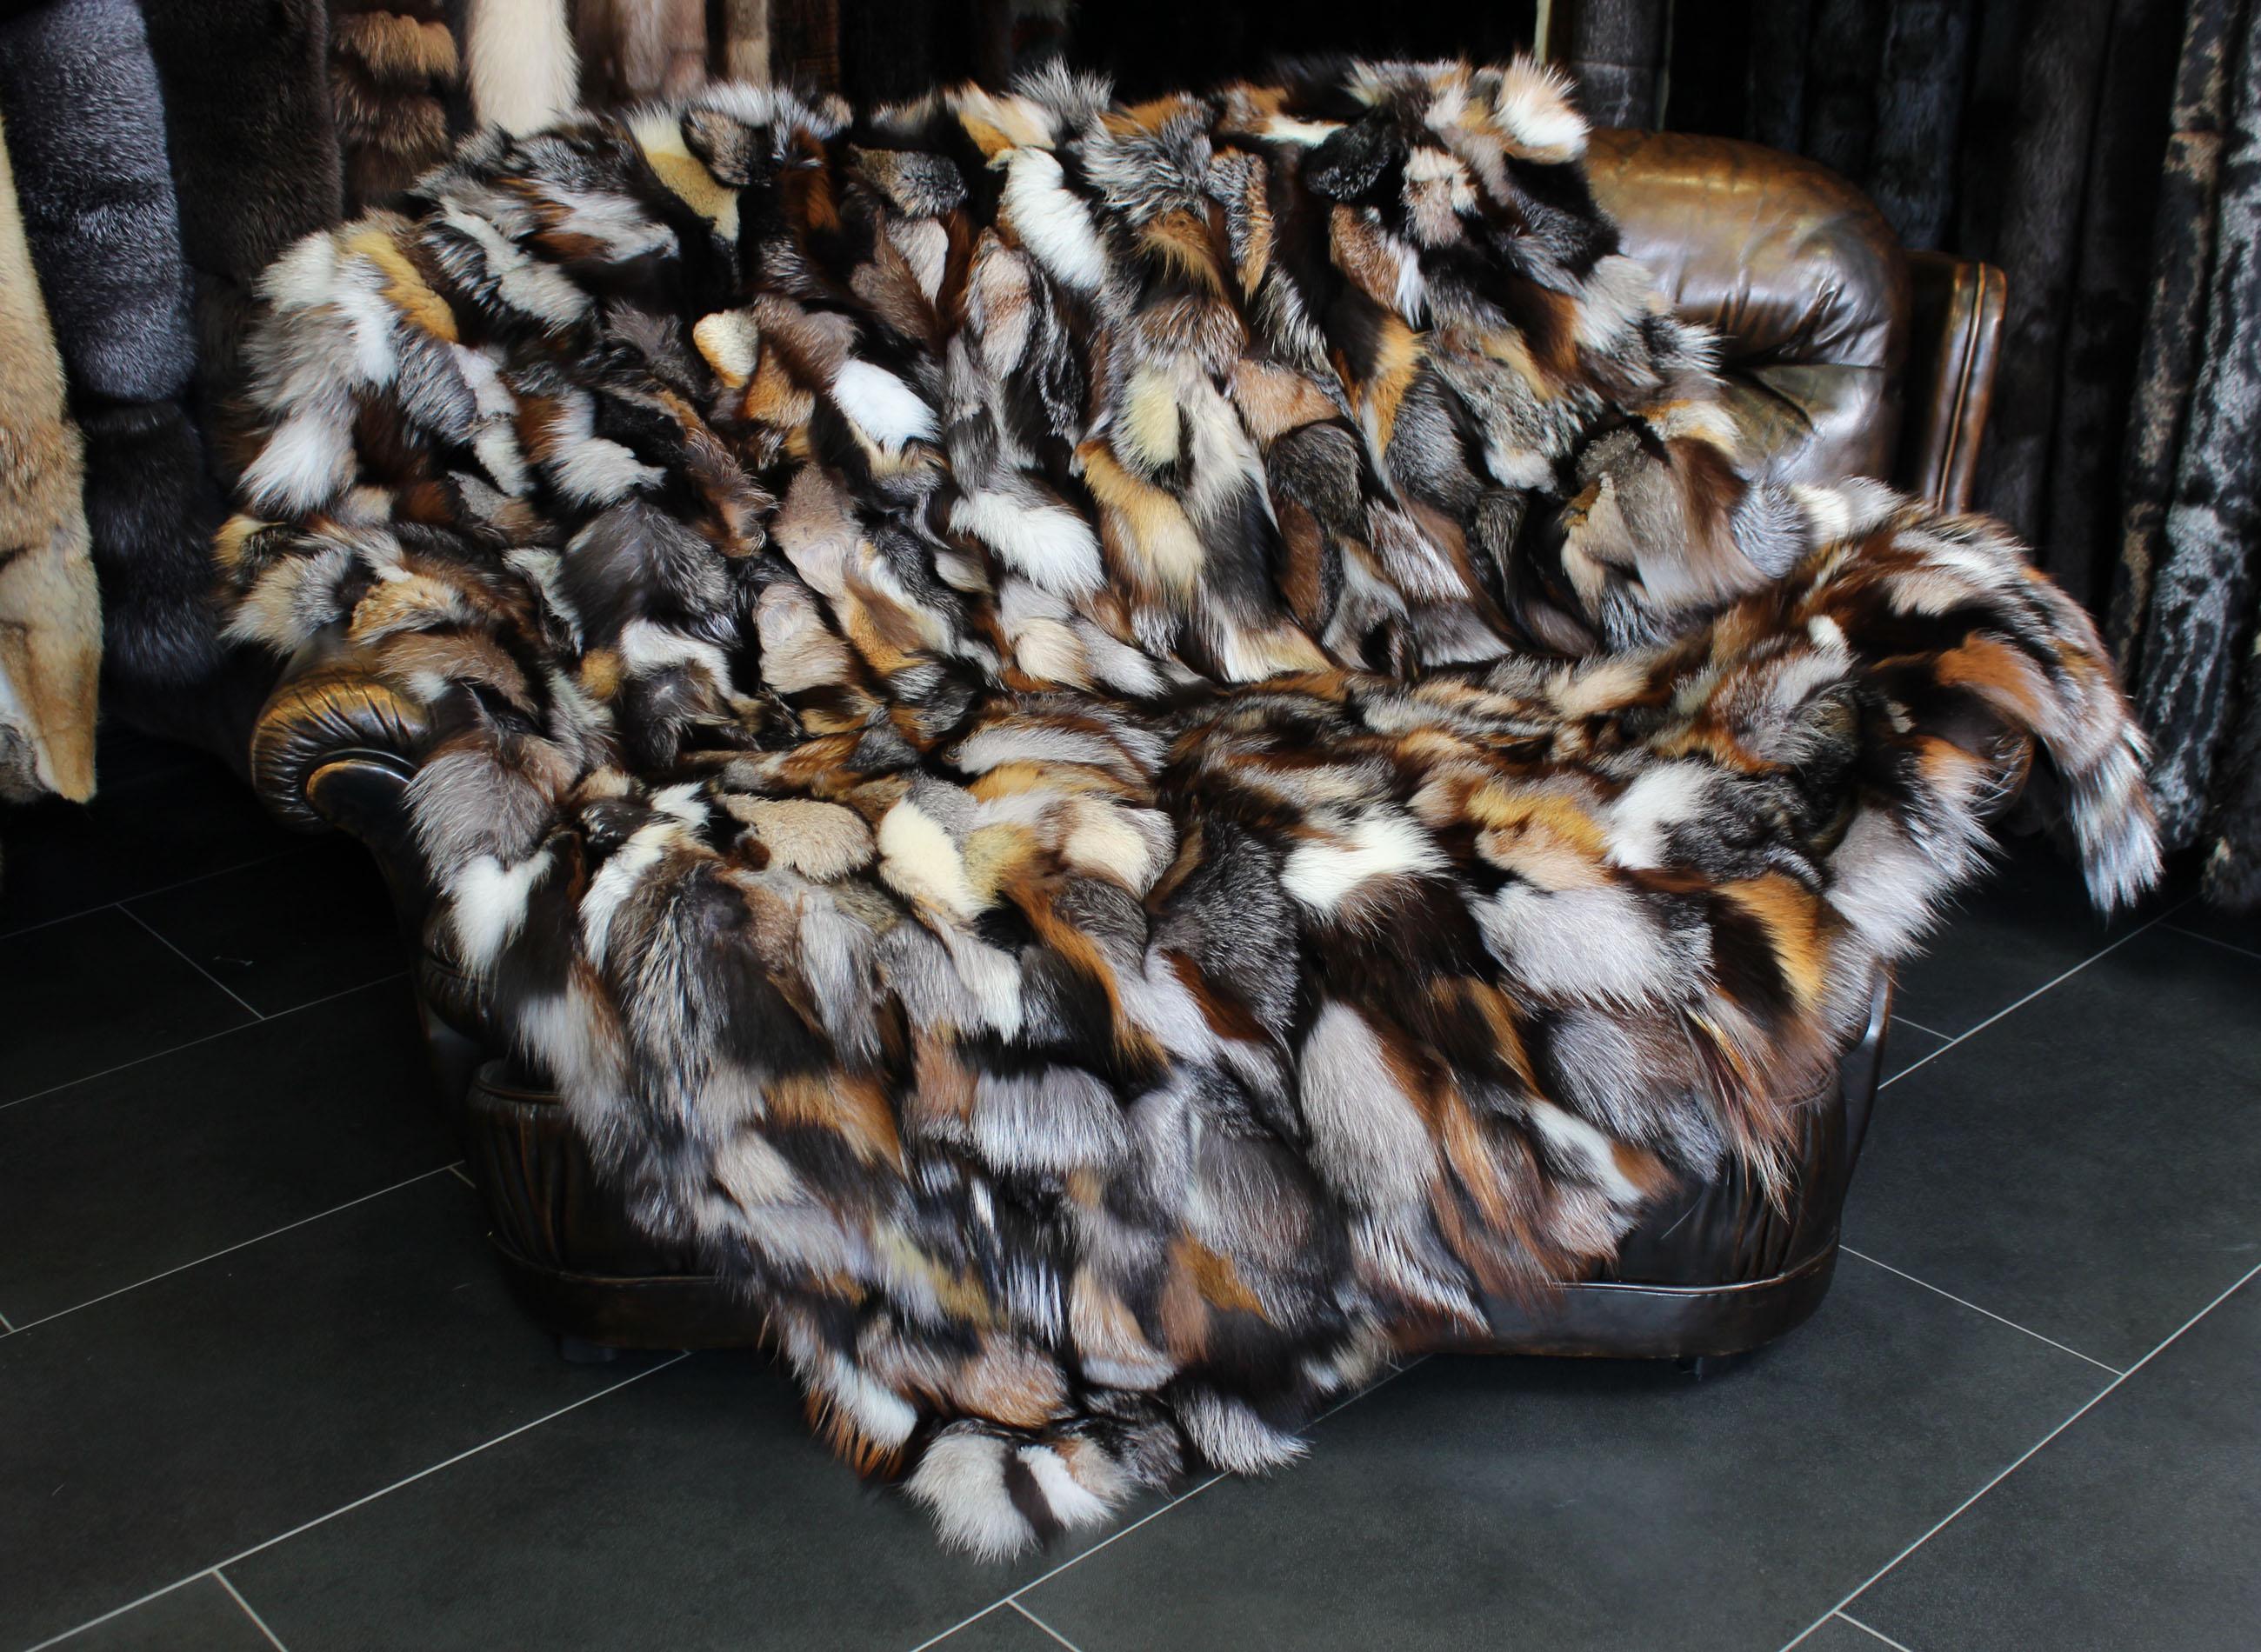 felldecken unter 1000 pelzdecken felldecken. Black Bedroom Furniture Sets. Home Design Ideas